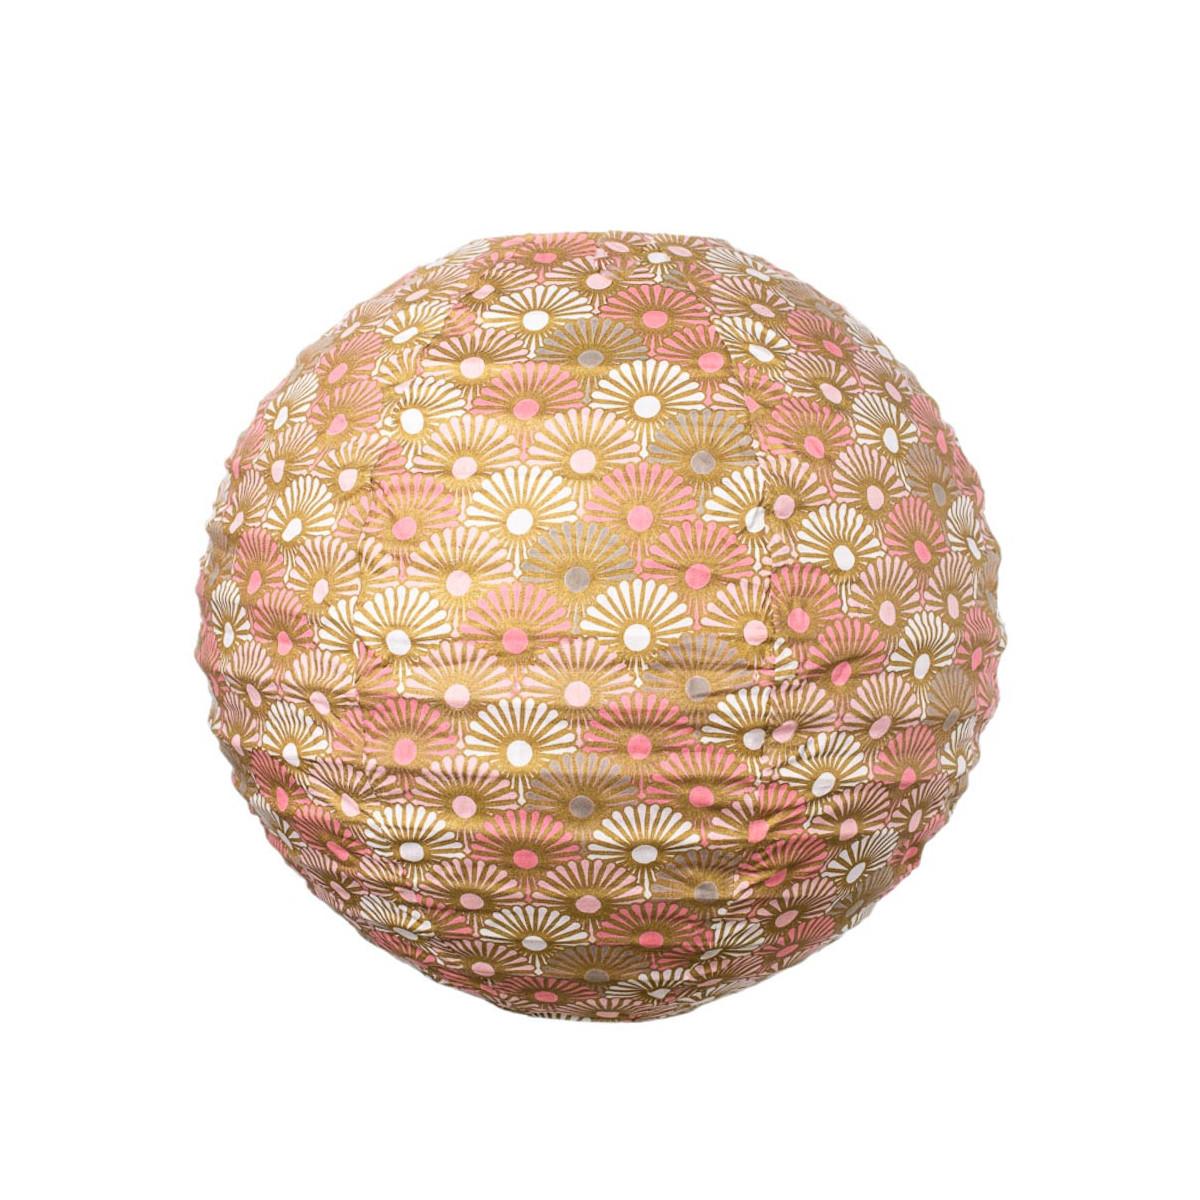 Lampion tissu boule japonaise rond rose et or